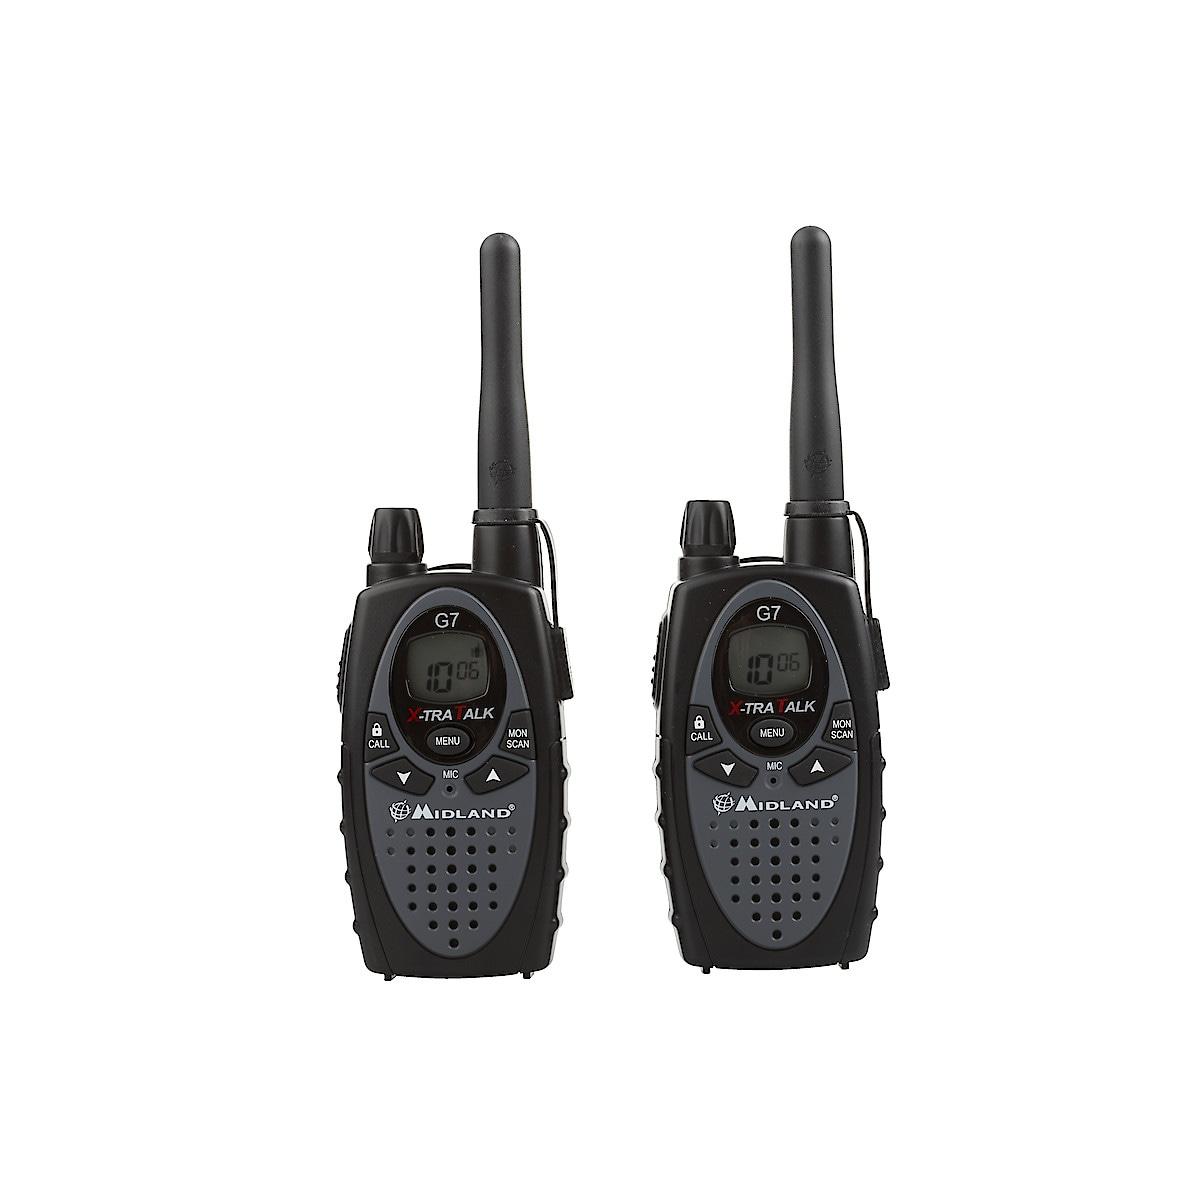 PMR-radiopuhelin Midland G7E-XT